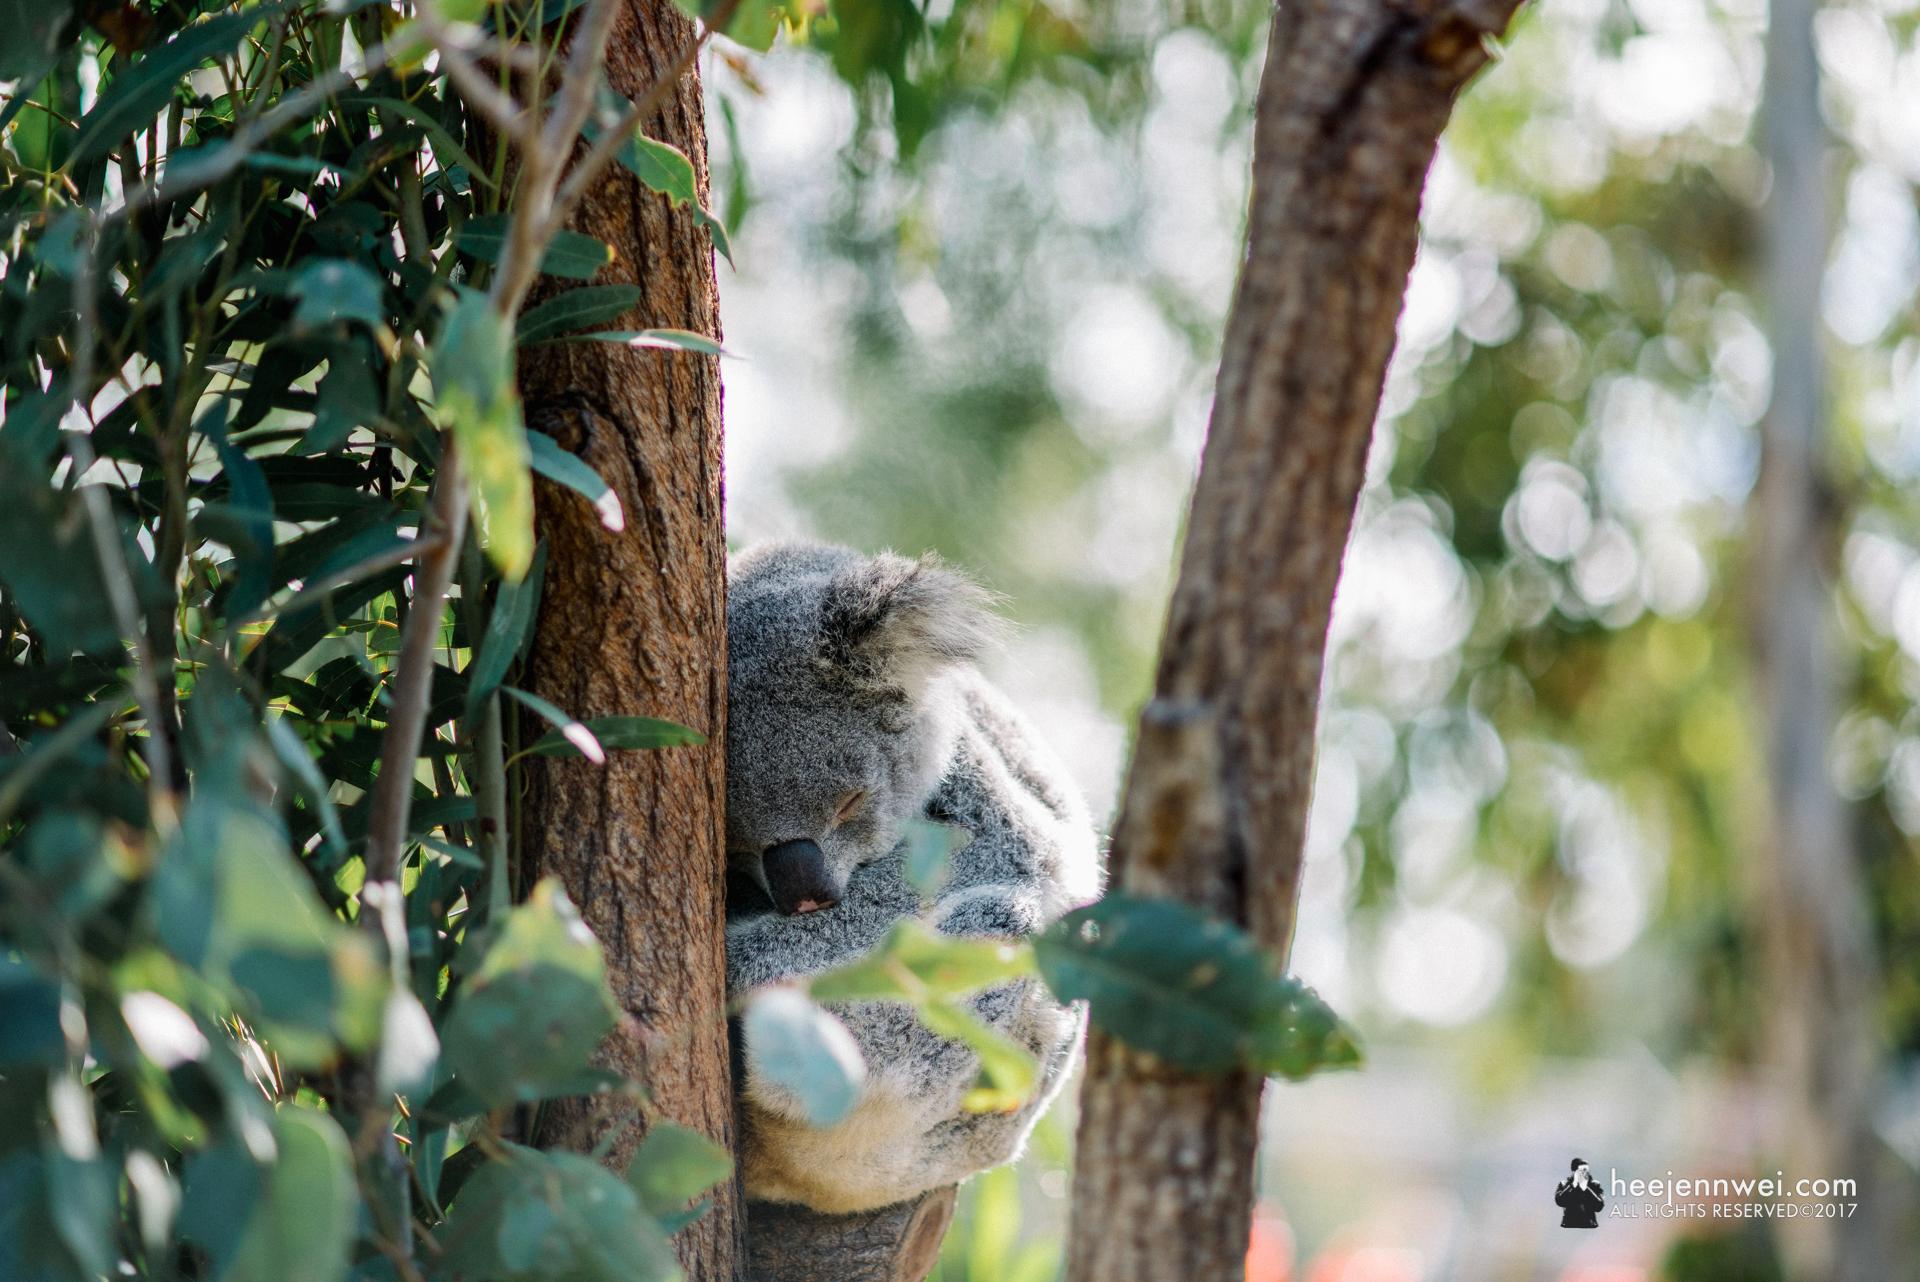 Adorable Koala bear!